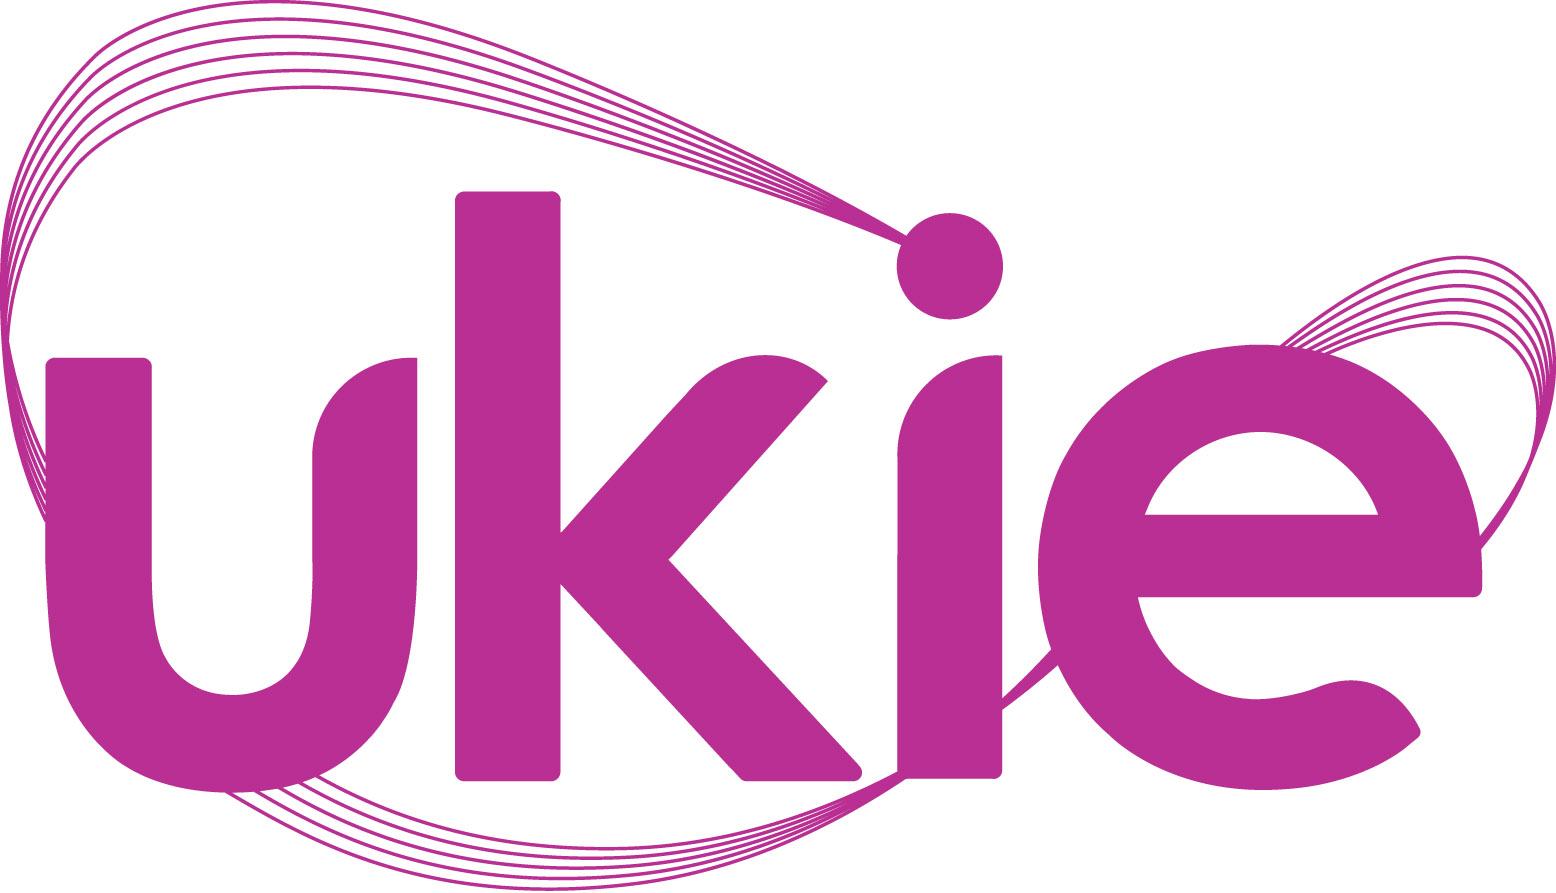 Ukie logo magenta.jpg